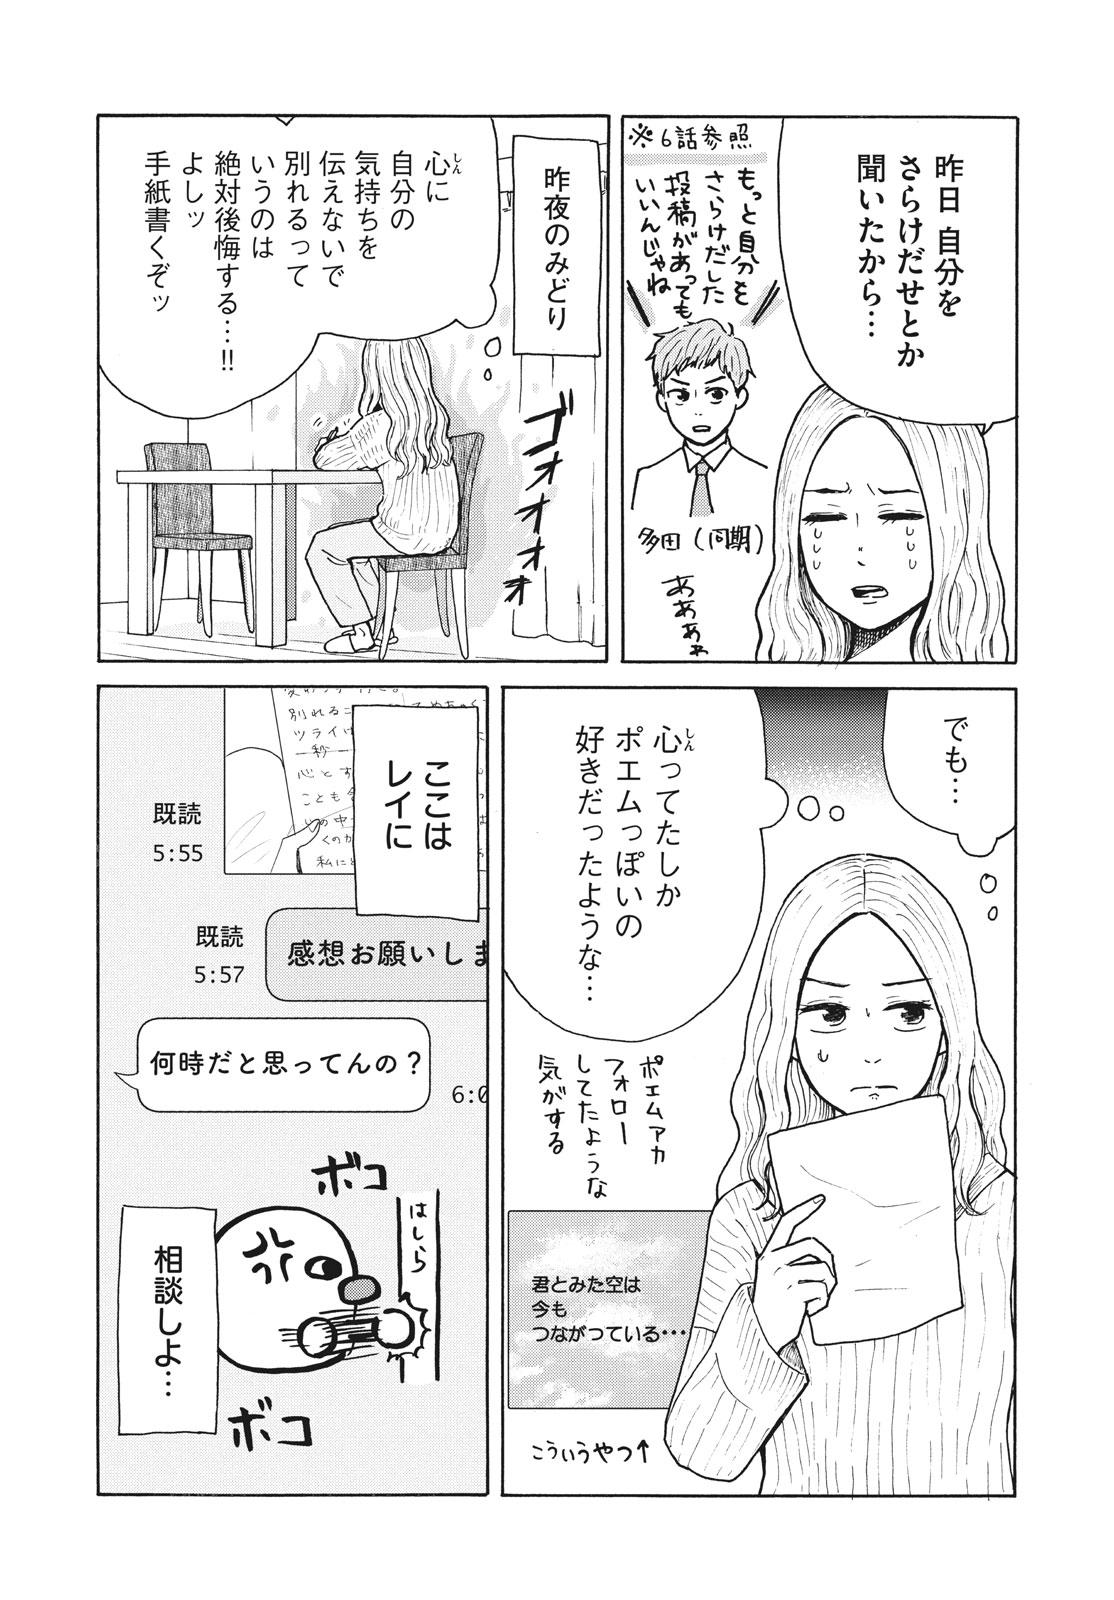 002_30日_2020_007_E.jpg